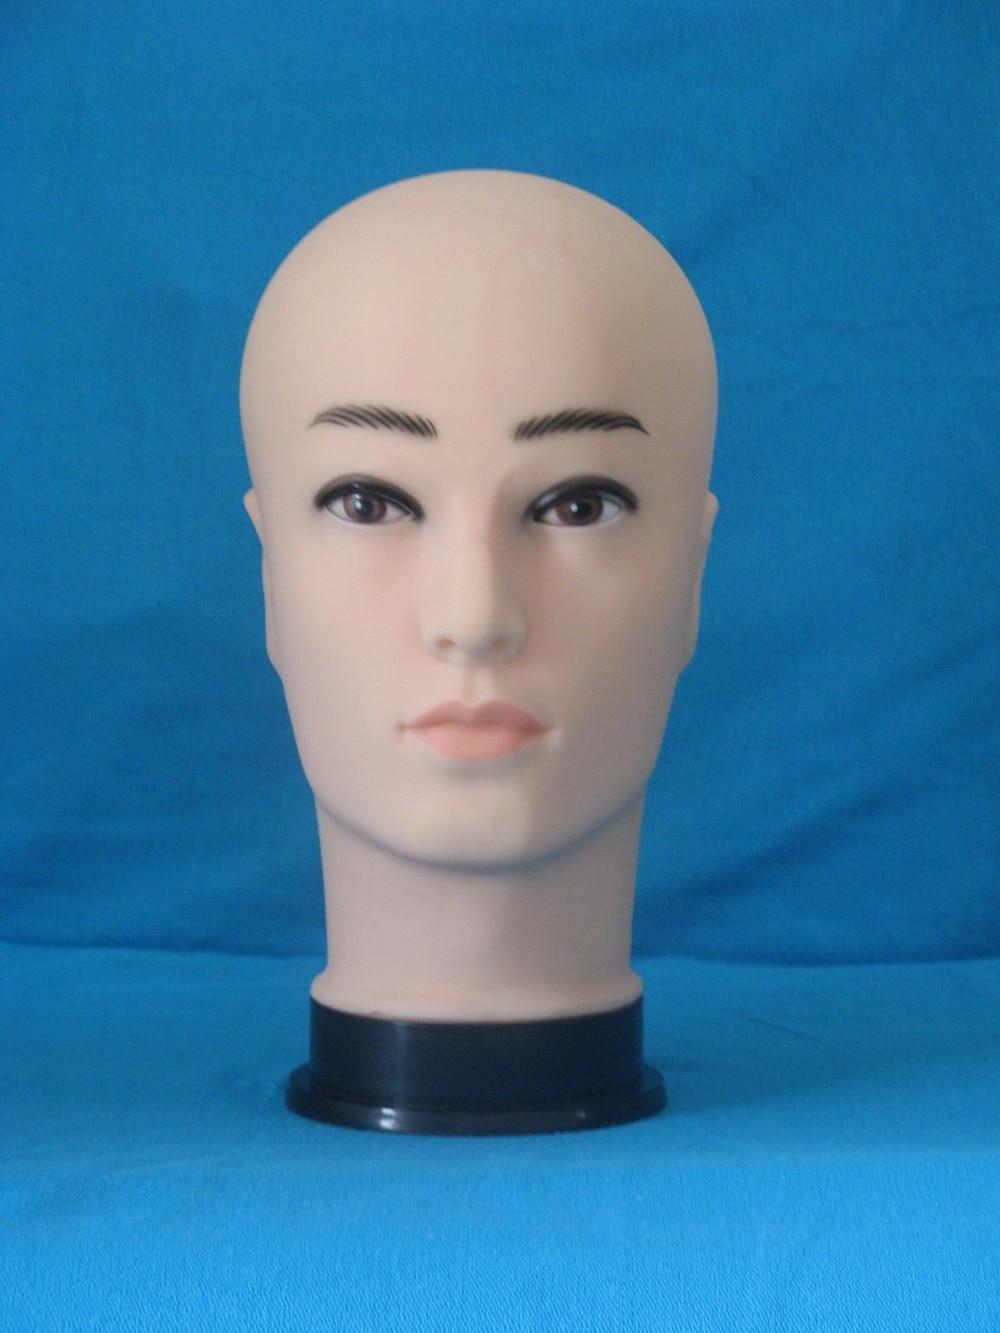 Realista Manequim Masculino Plástico Manequim Cabeça, Cabeças de Manequim Para O Chapéu